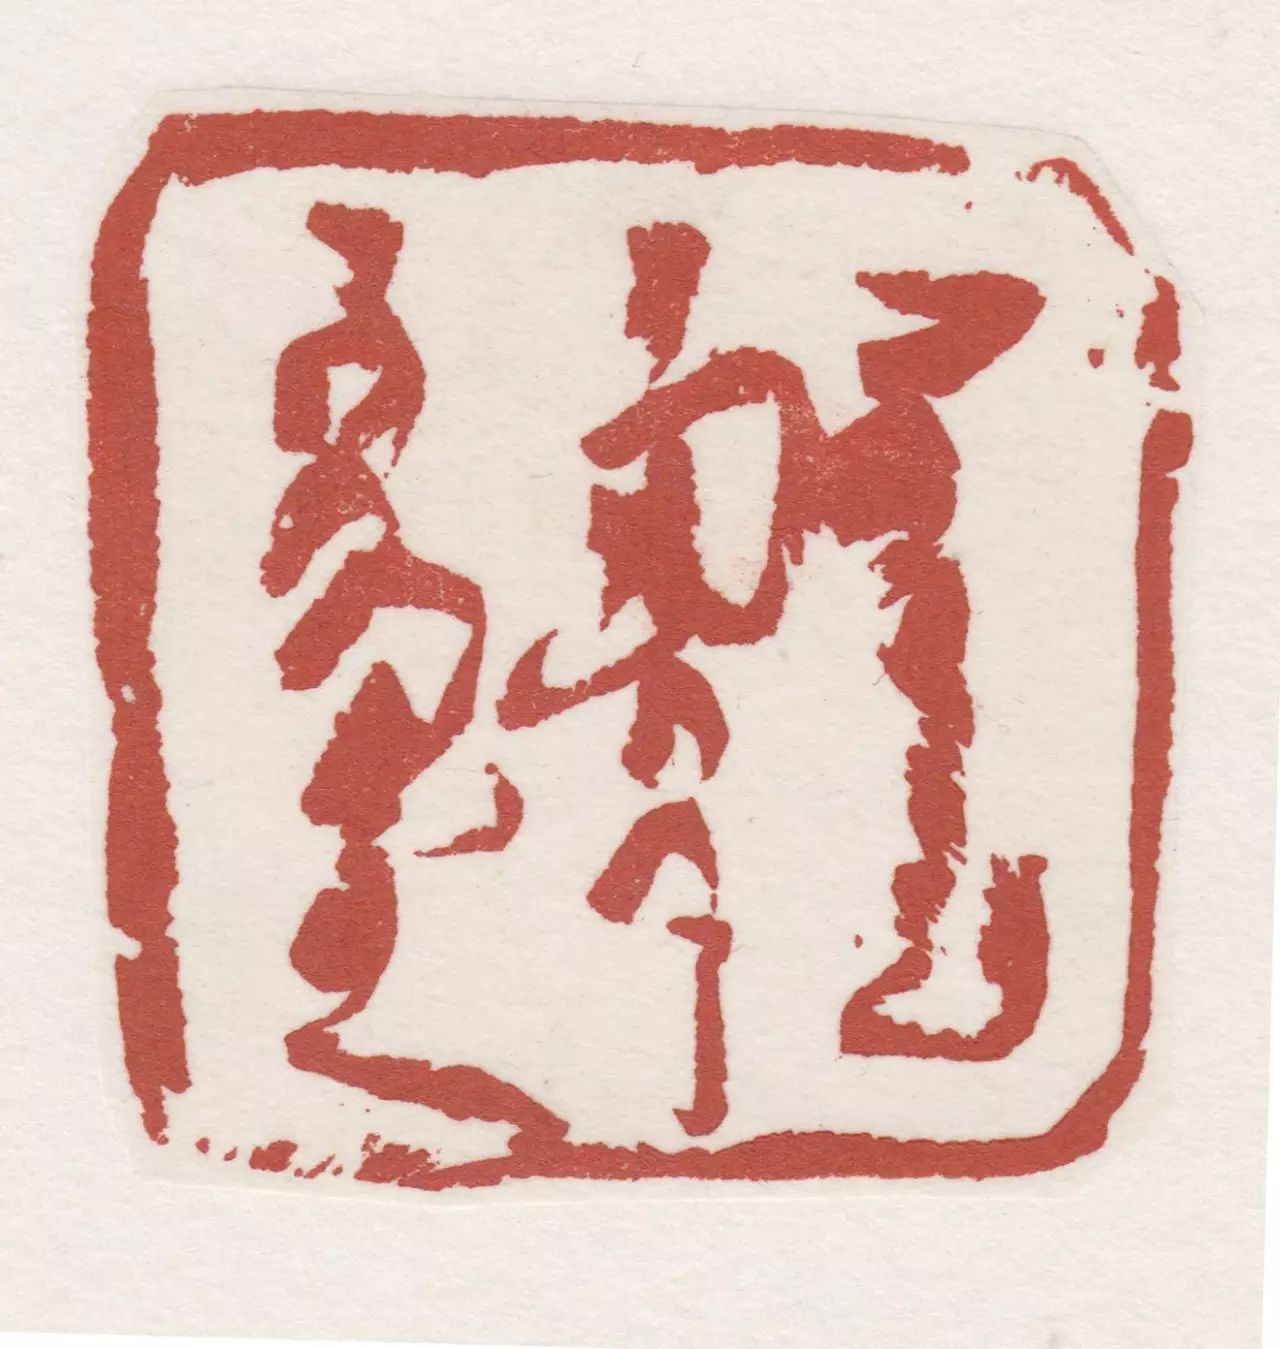 沙舟近期蒙古文篆刻新作欣赏(附印面) 第23张 沙舟近期蒙古文篆刻新作欣赏(附印面) 蒙古书法